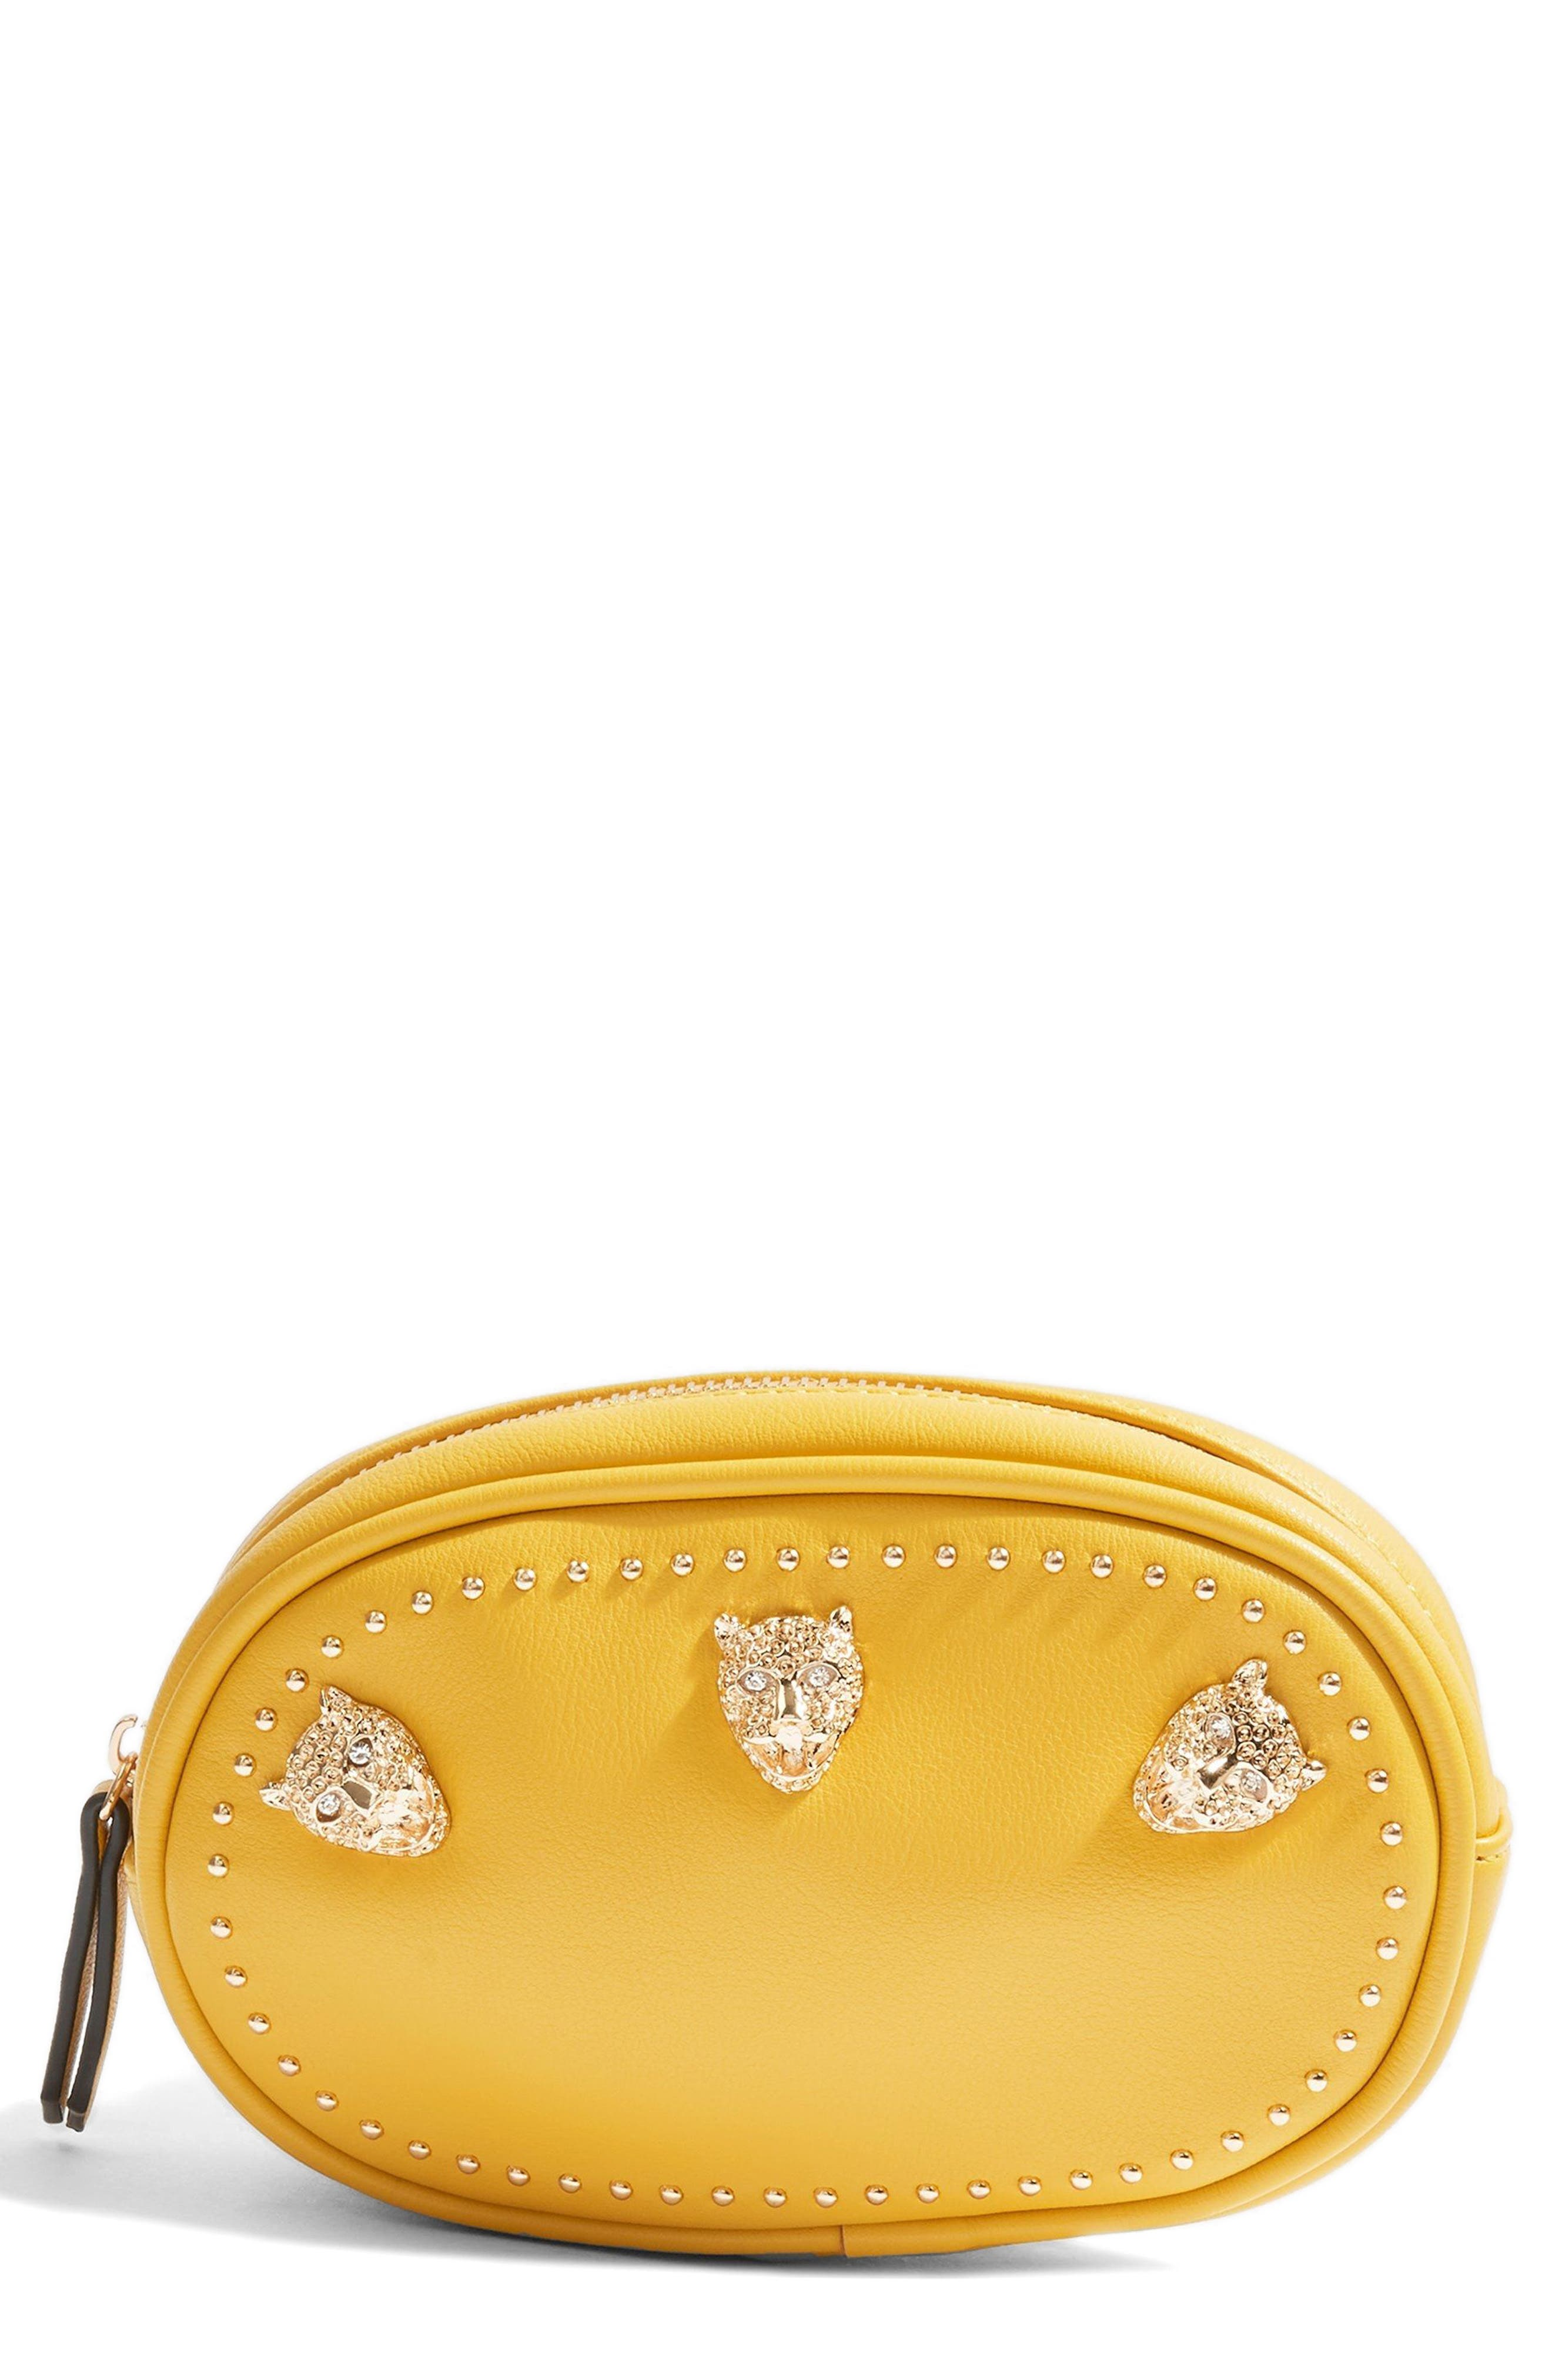 Panther Bum Bag,                             Main thumbnail 1, color,                             Yellow